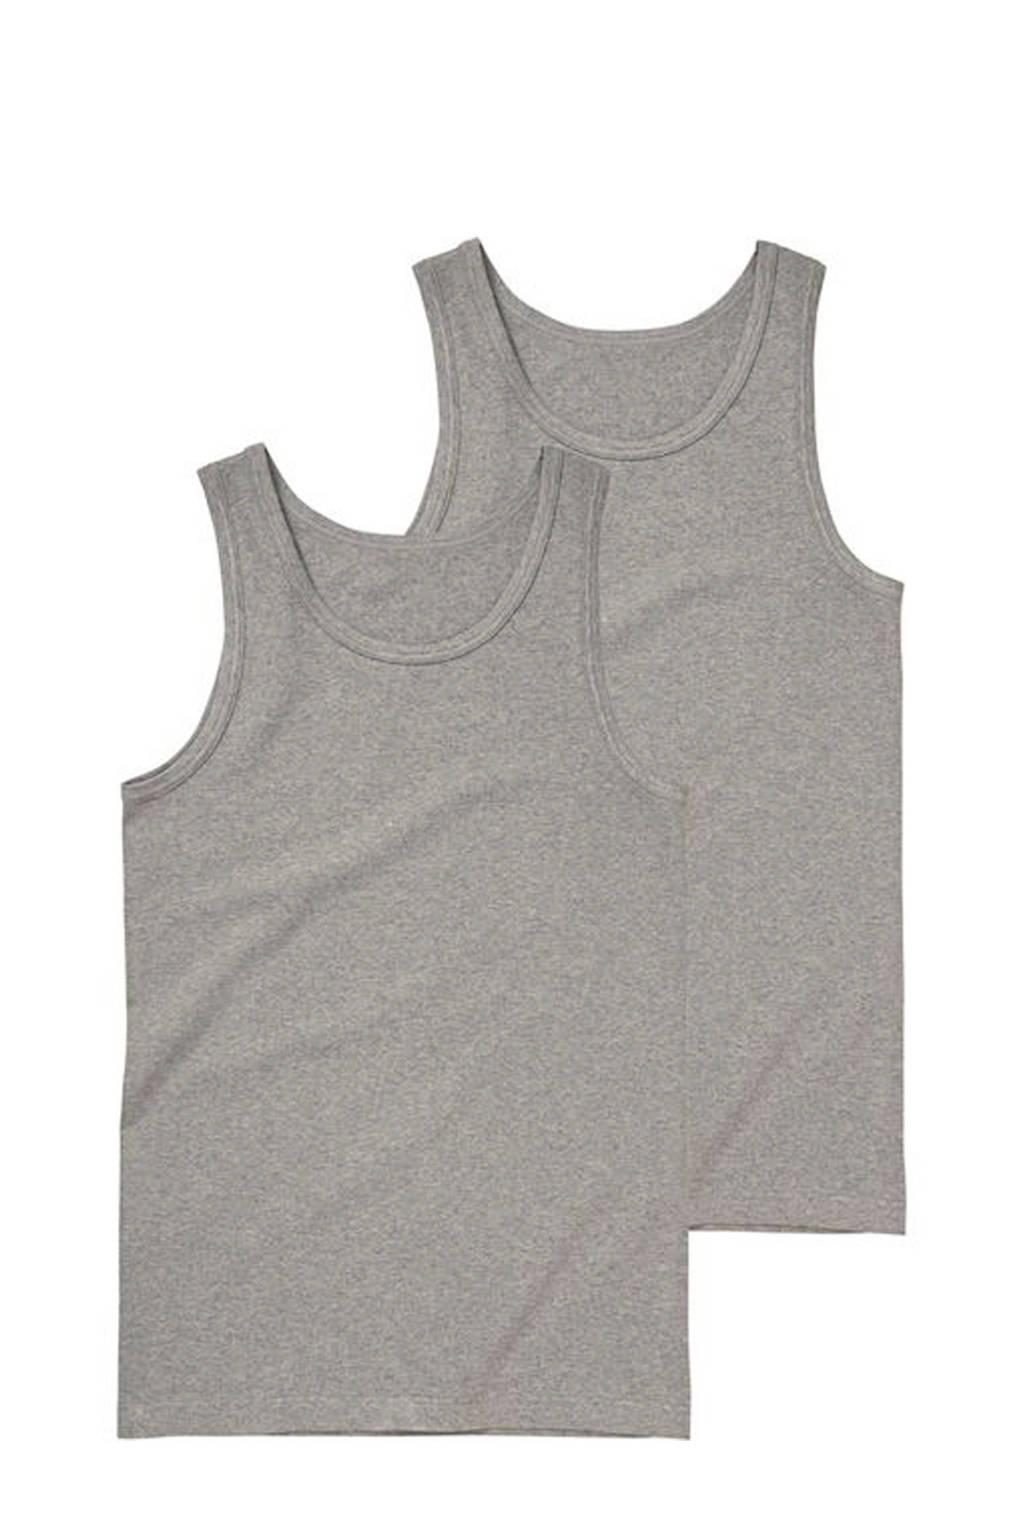 HEMA hemd (set van 2 ) grijs, Grijs